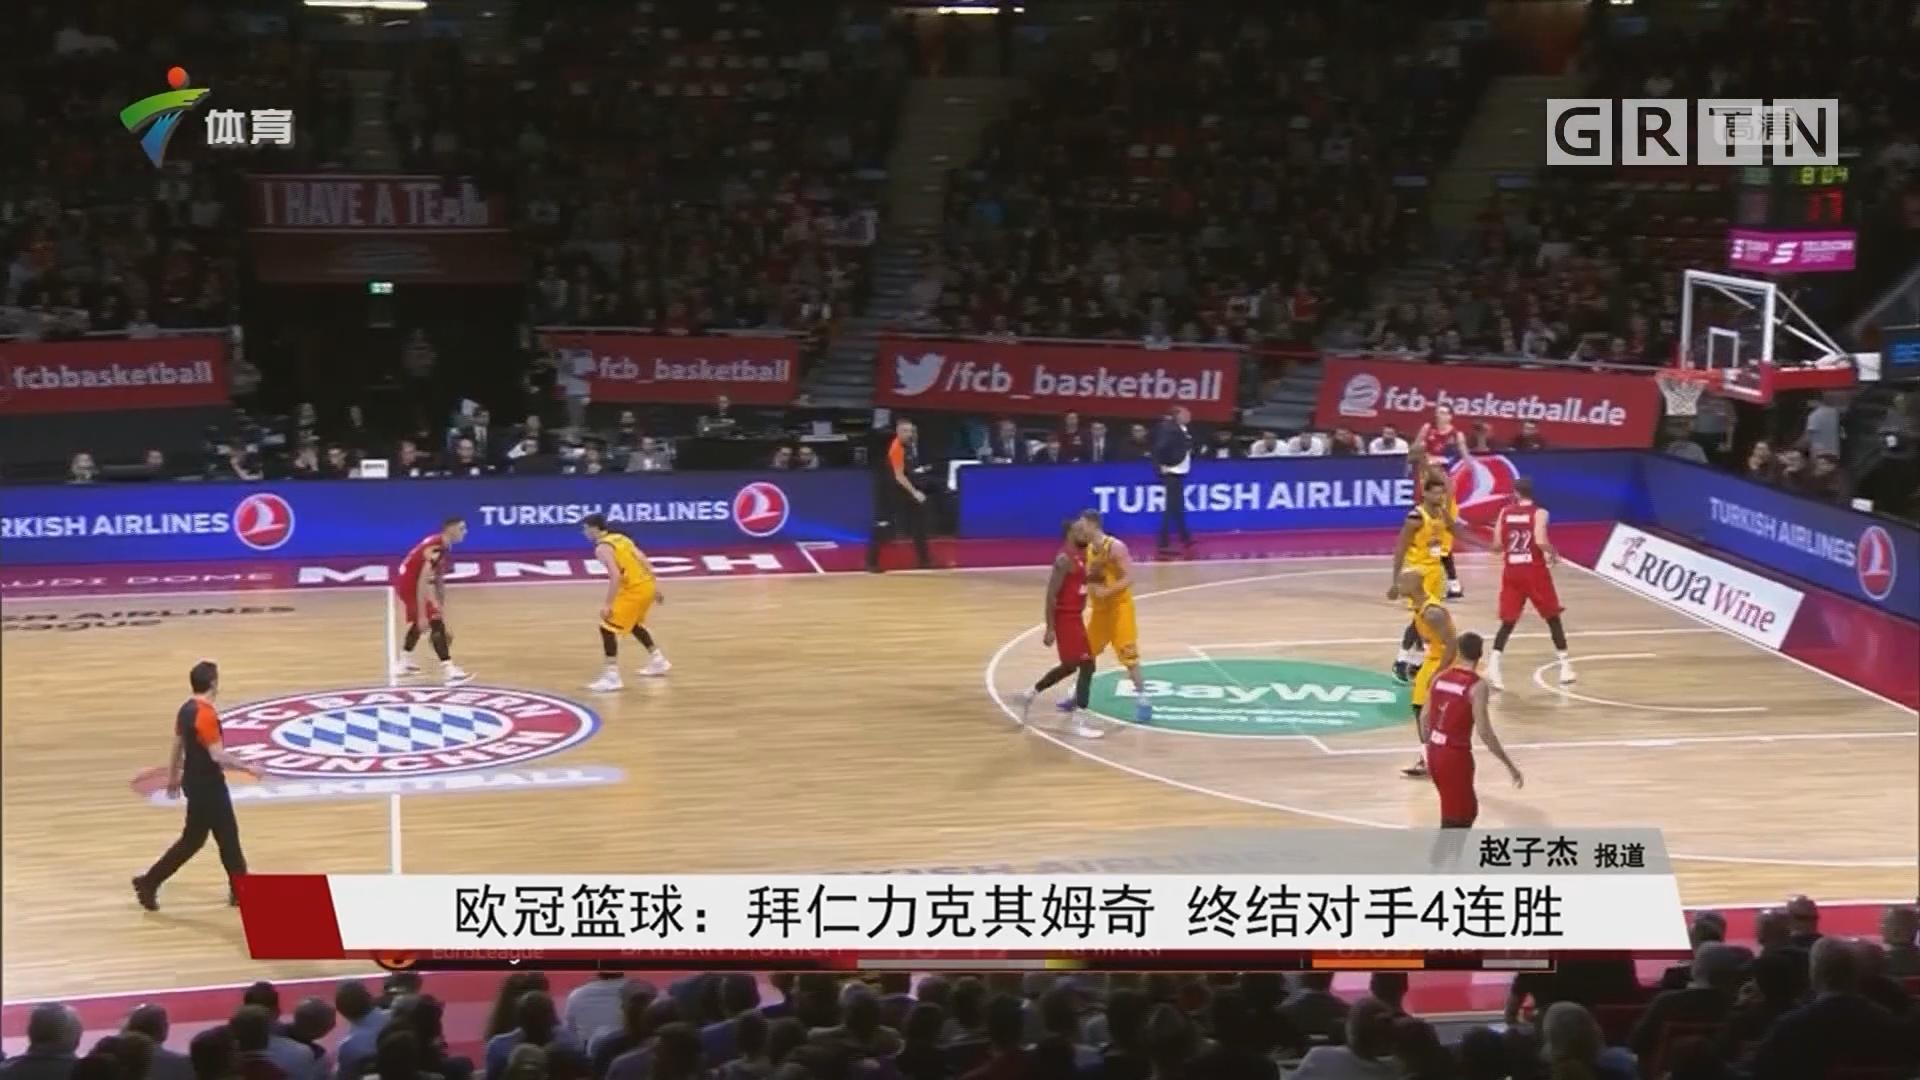 欧冠篮球:拜仁力克其姆奇 终结对手4连胜